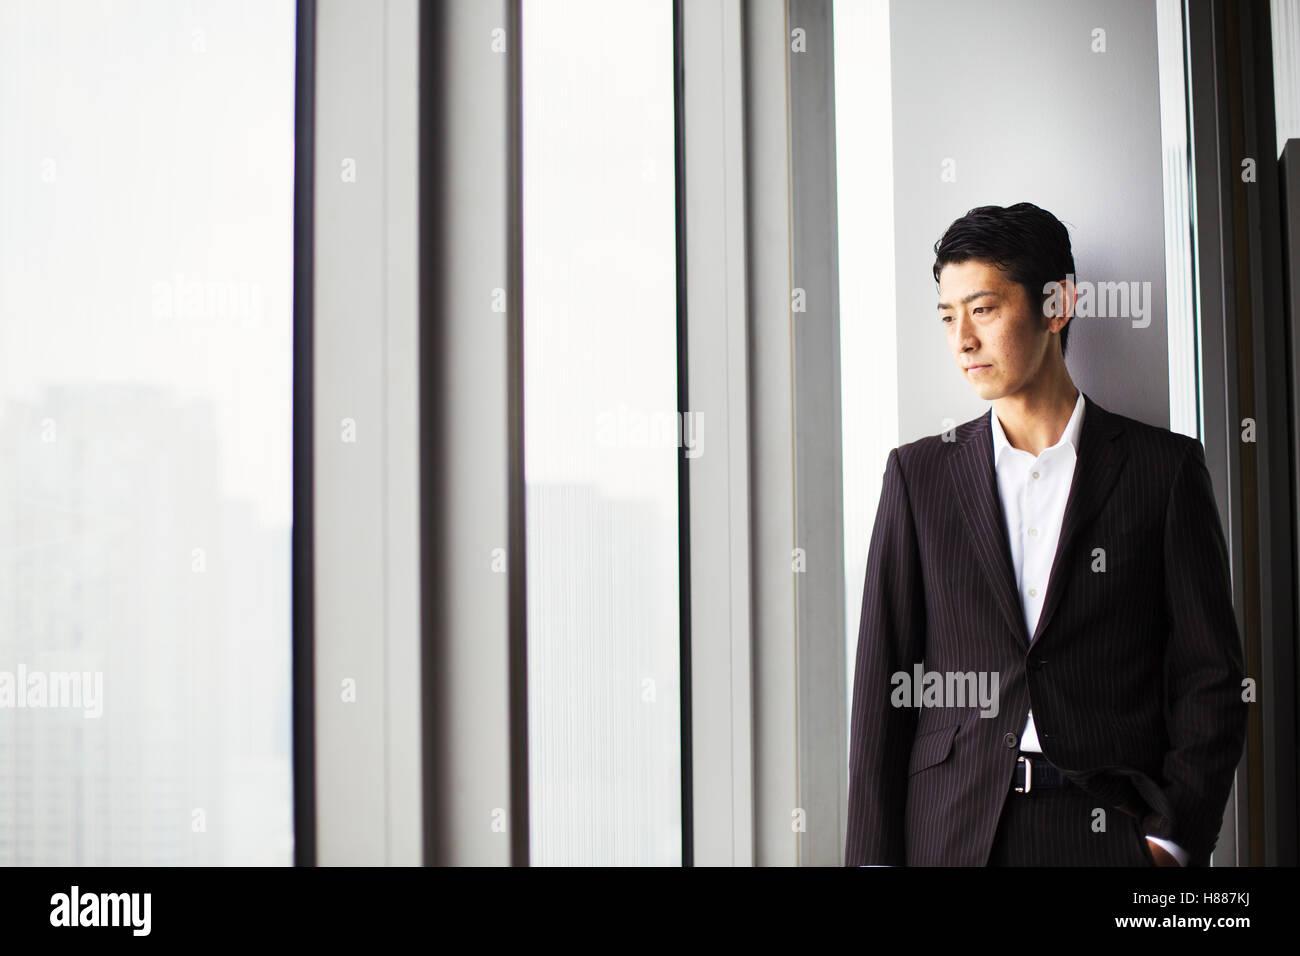 Un imprenditore in ufficio, da una grande finestra che si affaccia sulla città. Immagini Stock